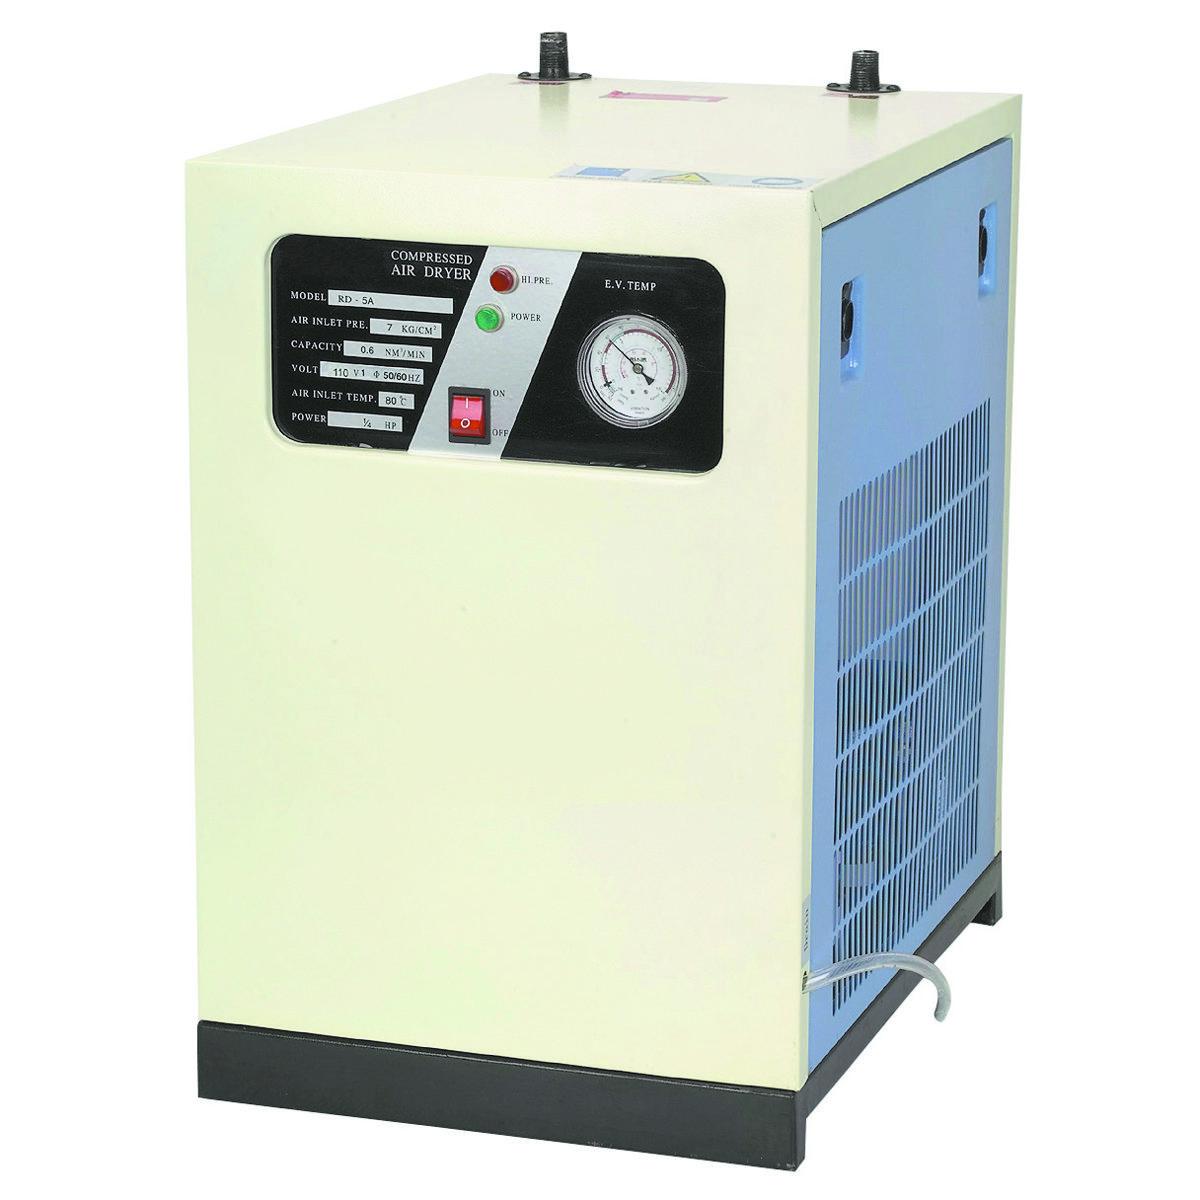 Compressed Air Dryer Compressed air, Air compressor, Air